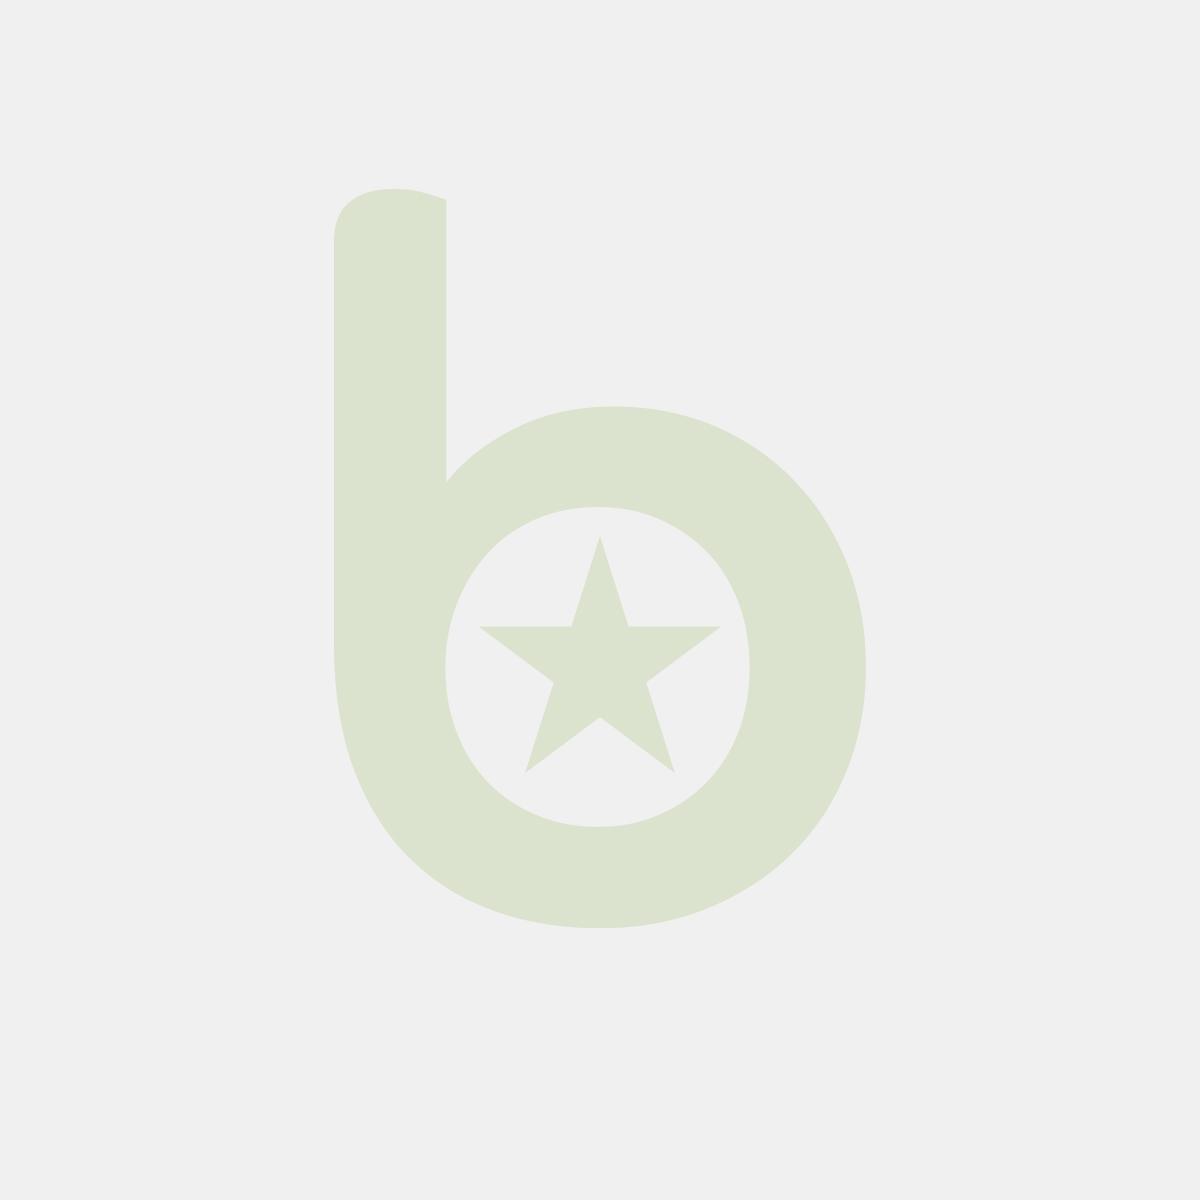 Płyta grillowa Blue Line - gładka - 203125